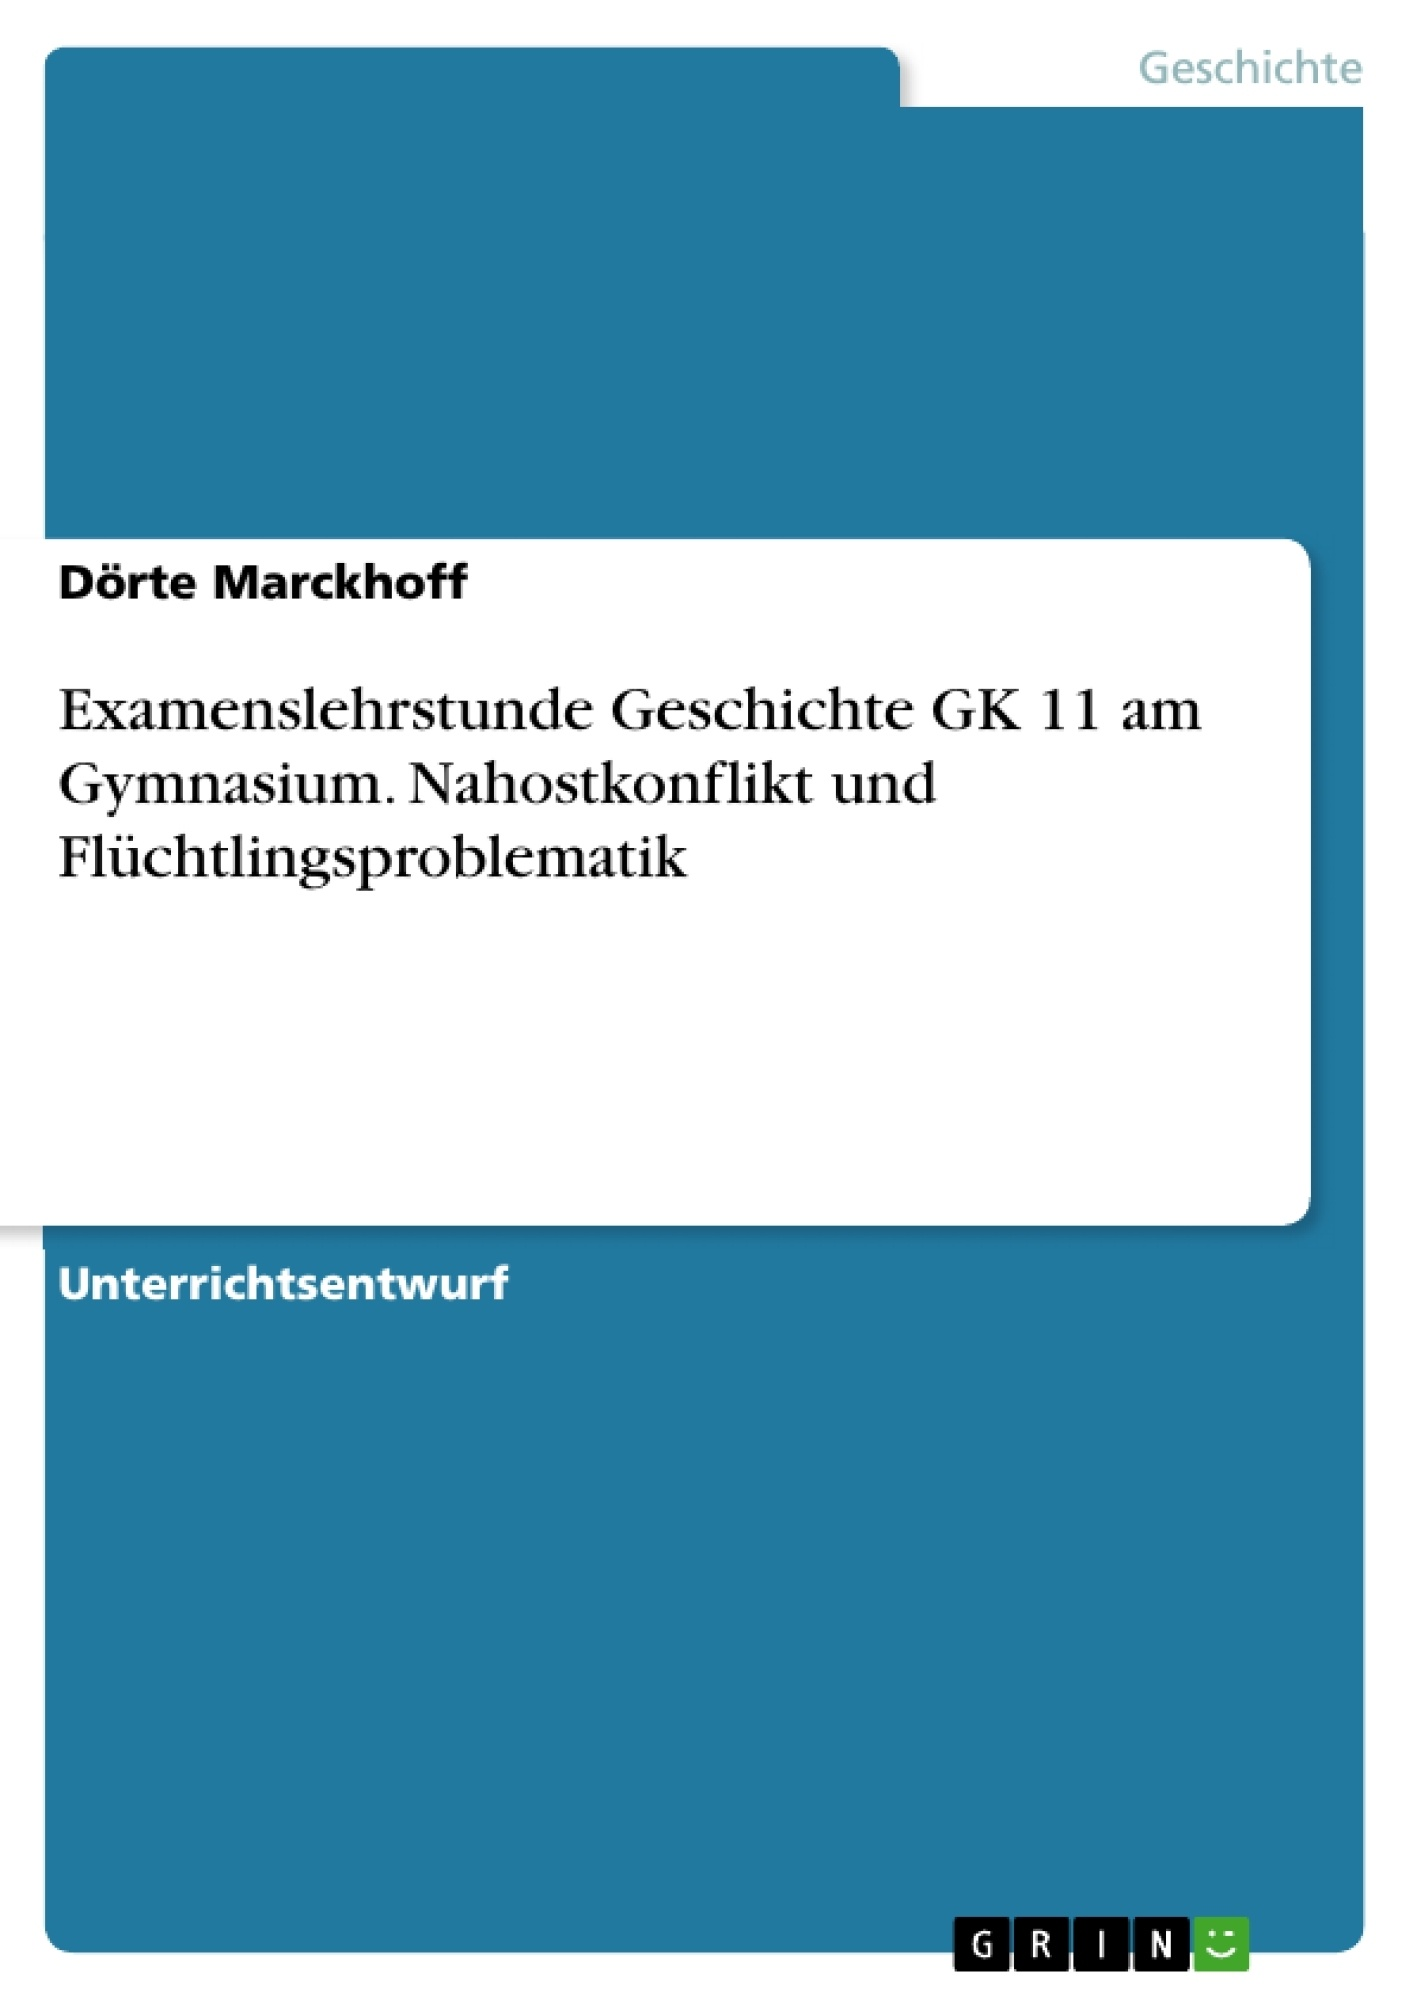 Titel: Examenslehrstunde Geschichte GK 11 am Gymnasium. Nahostkonflikt und Flüchtlingsproblematik